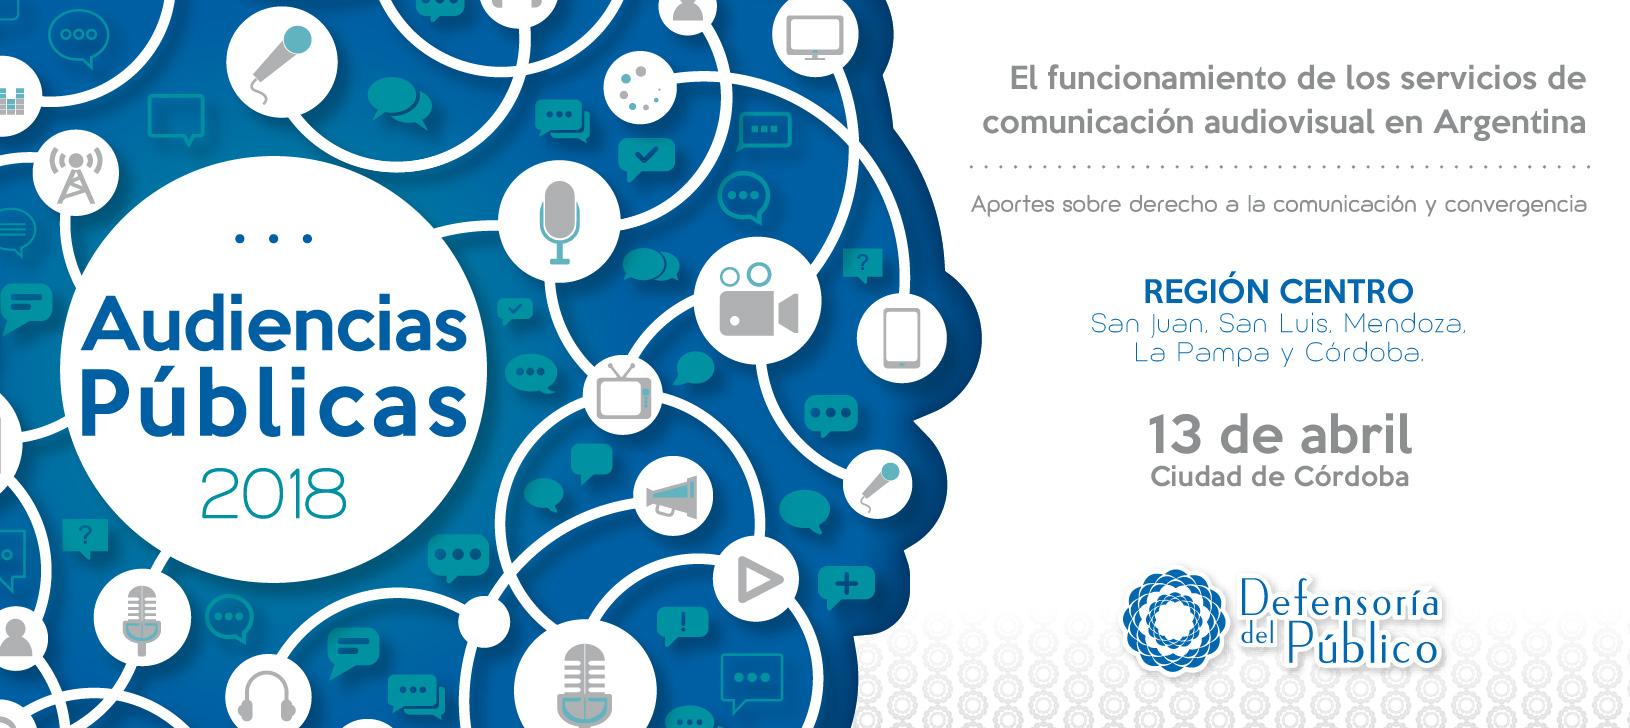 """6eb41a0c31 ... la jornada será """"El funcionamiento de los servicios de comunicación  audiovisual en Argentina. Aportes sobre derecho a la comunicación y  convergencia""""."""